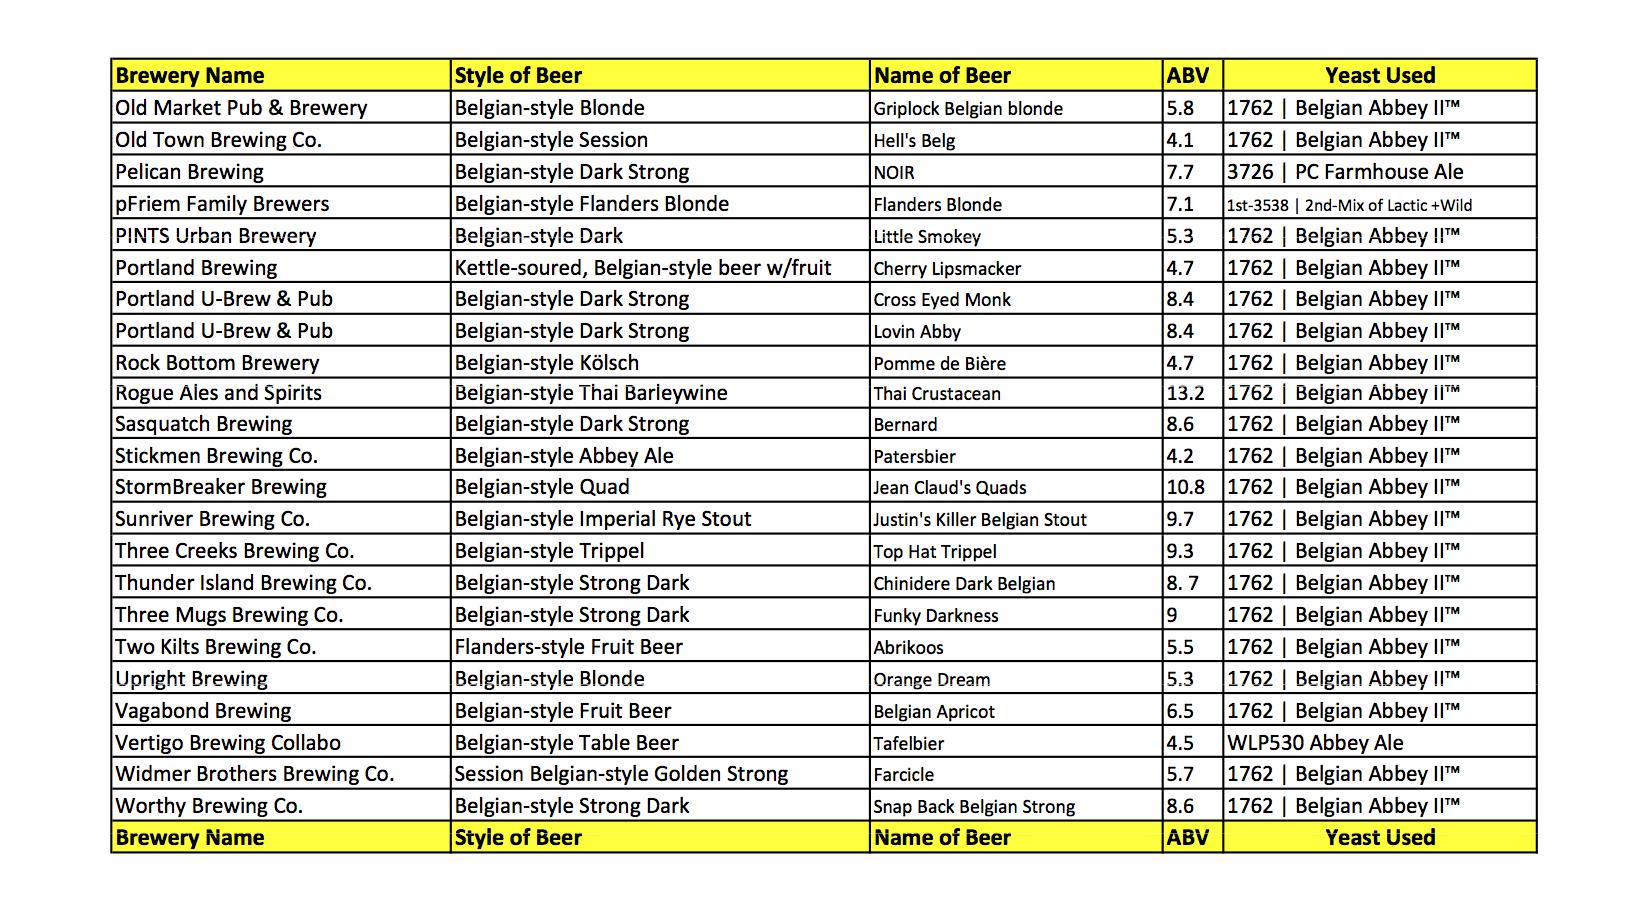 Craft Beer Abv List